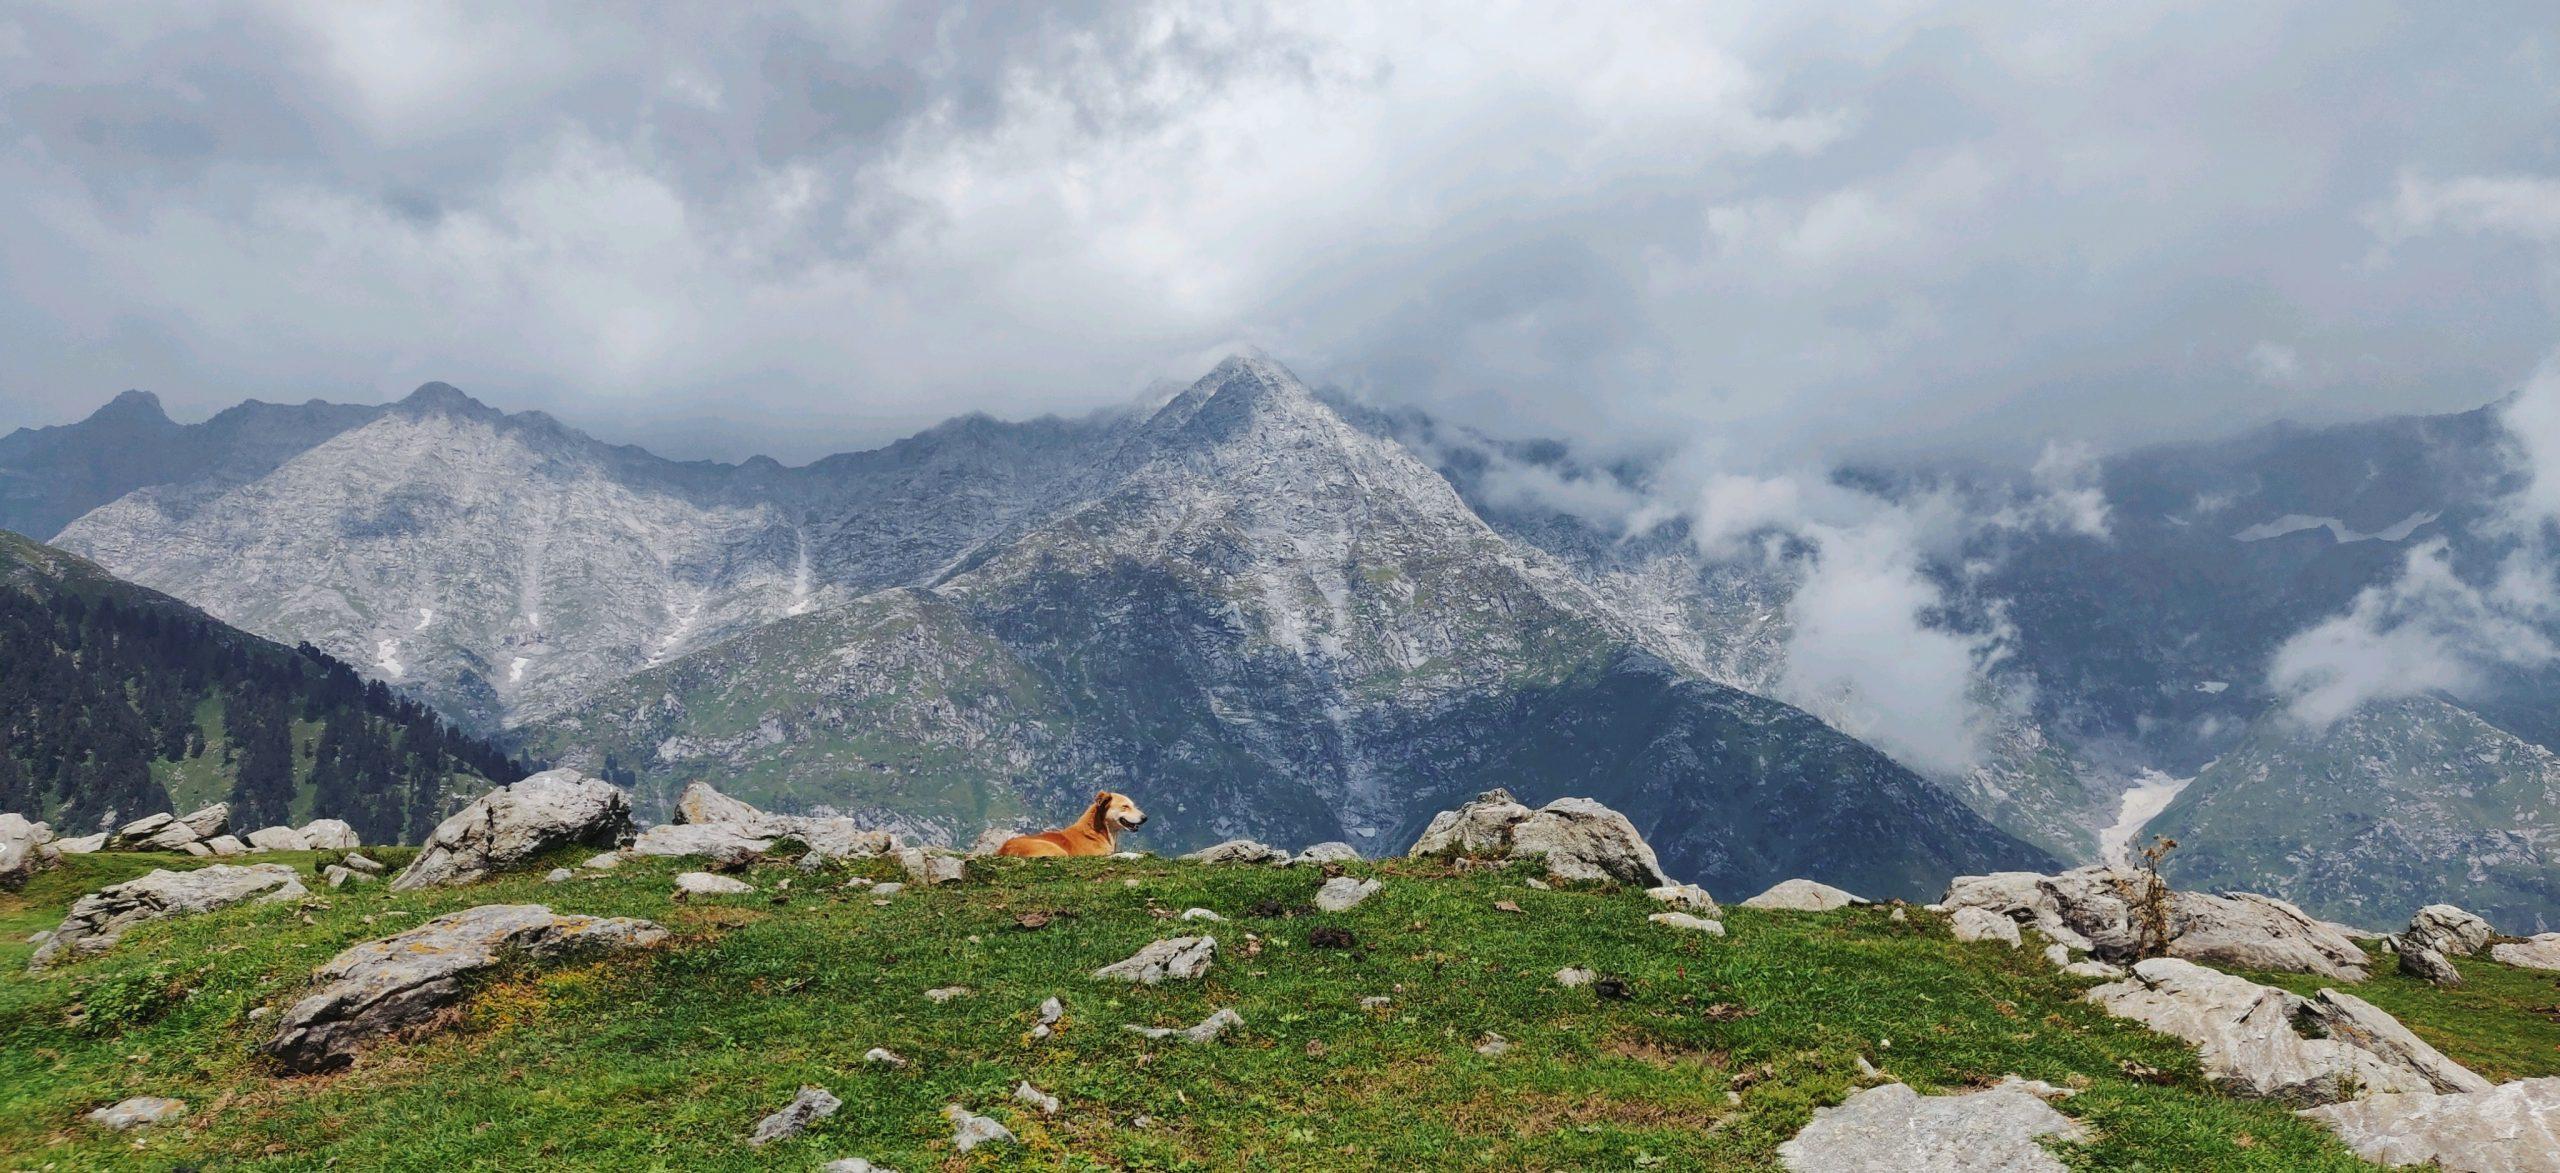 6 things to do in Tawang (2020) | Arunachal Pradesh tourism